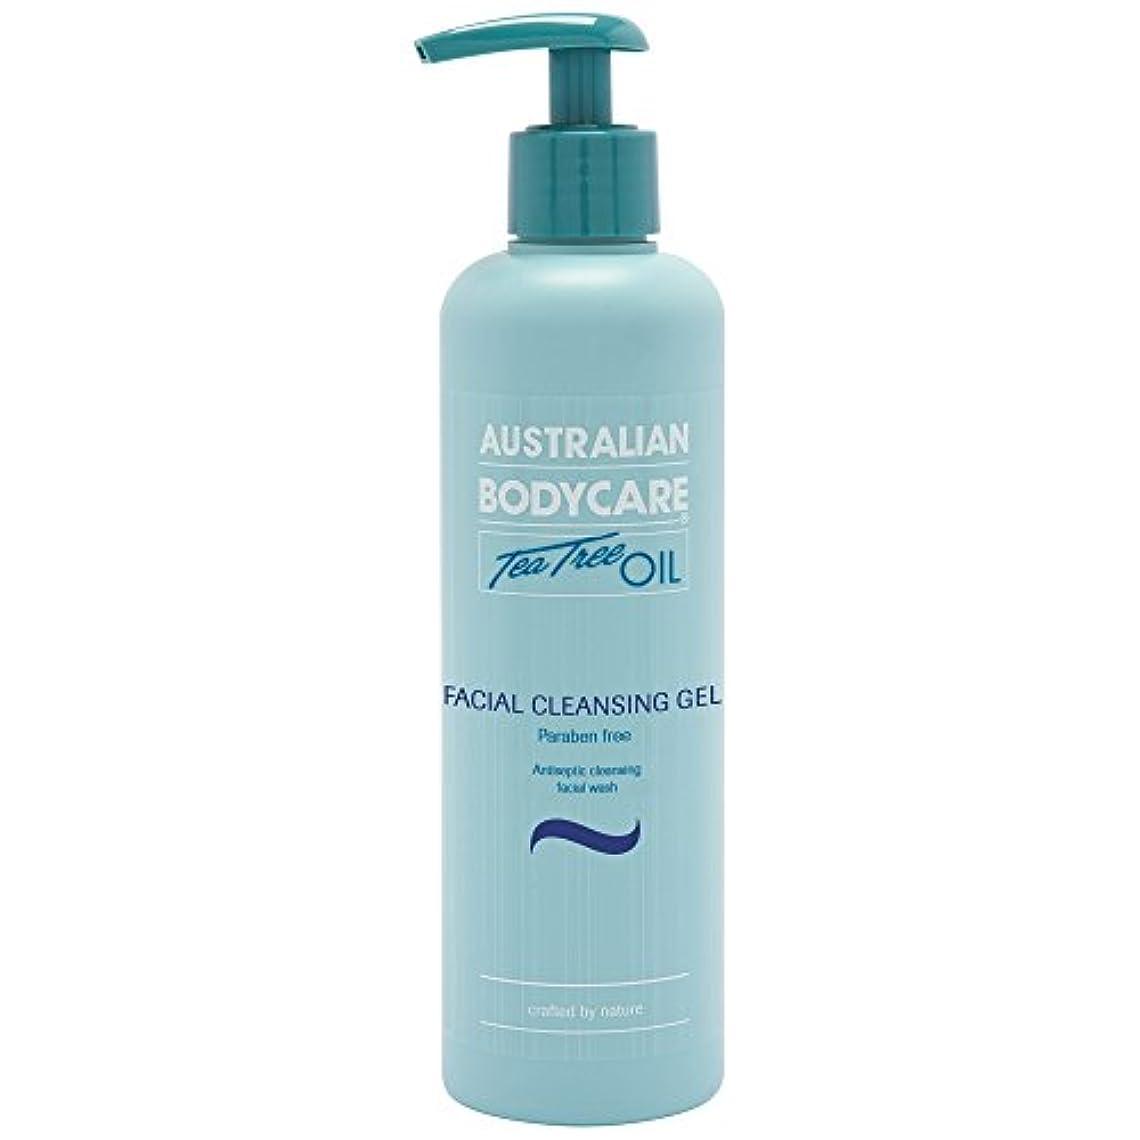 スキー憂鬱擬人化オーストラリアのボディーケアティーツリーオイル洗顔ゲル250ミリリットル (Australian Bodycare) (x6) - Australian Bodycare Tea Tree Oil Facial Cleansing...